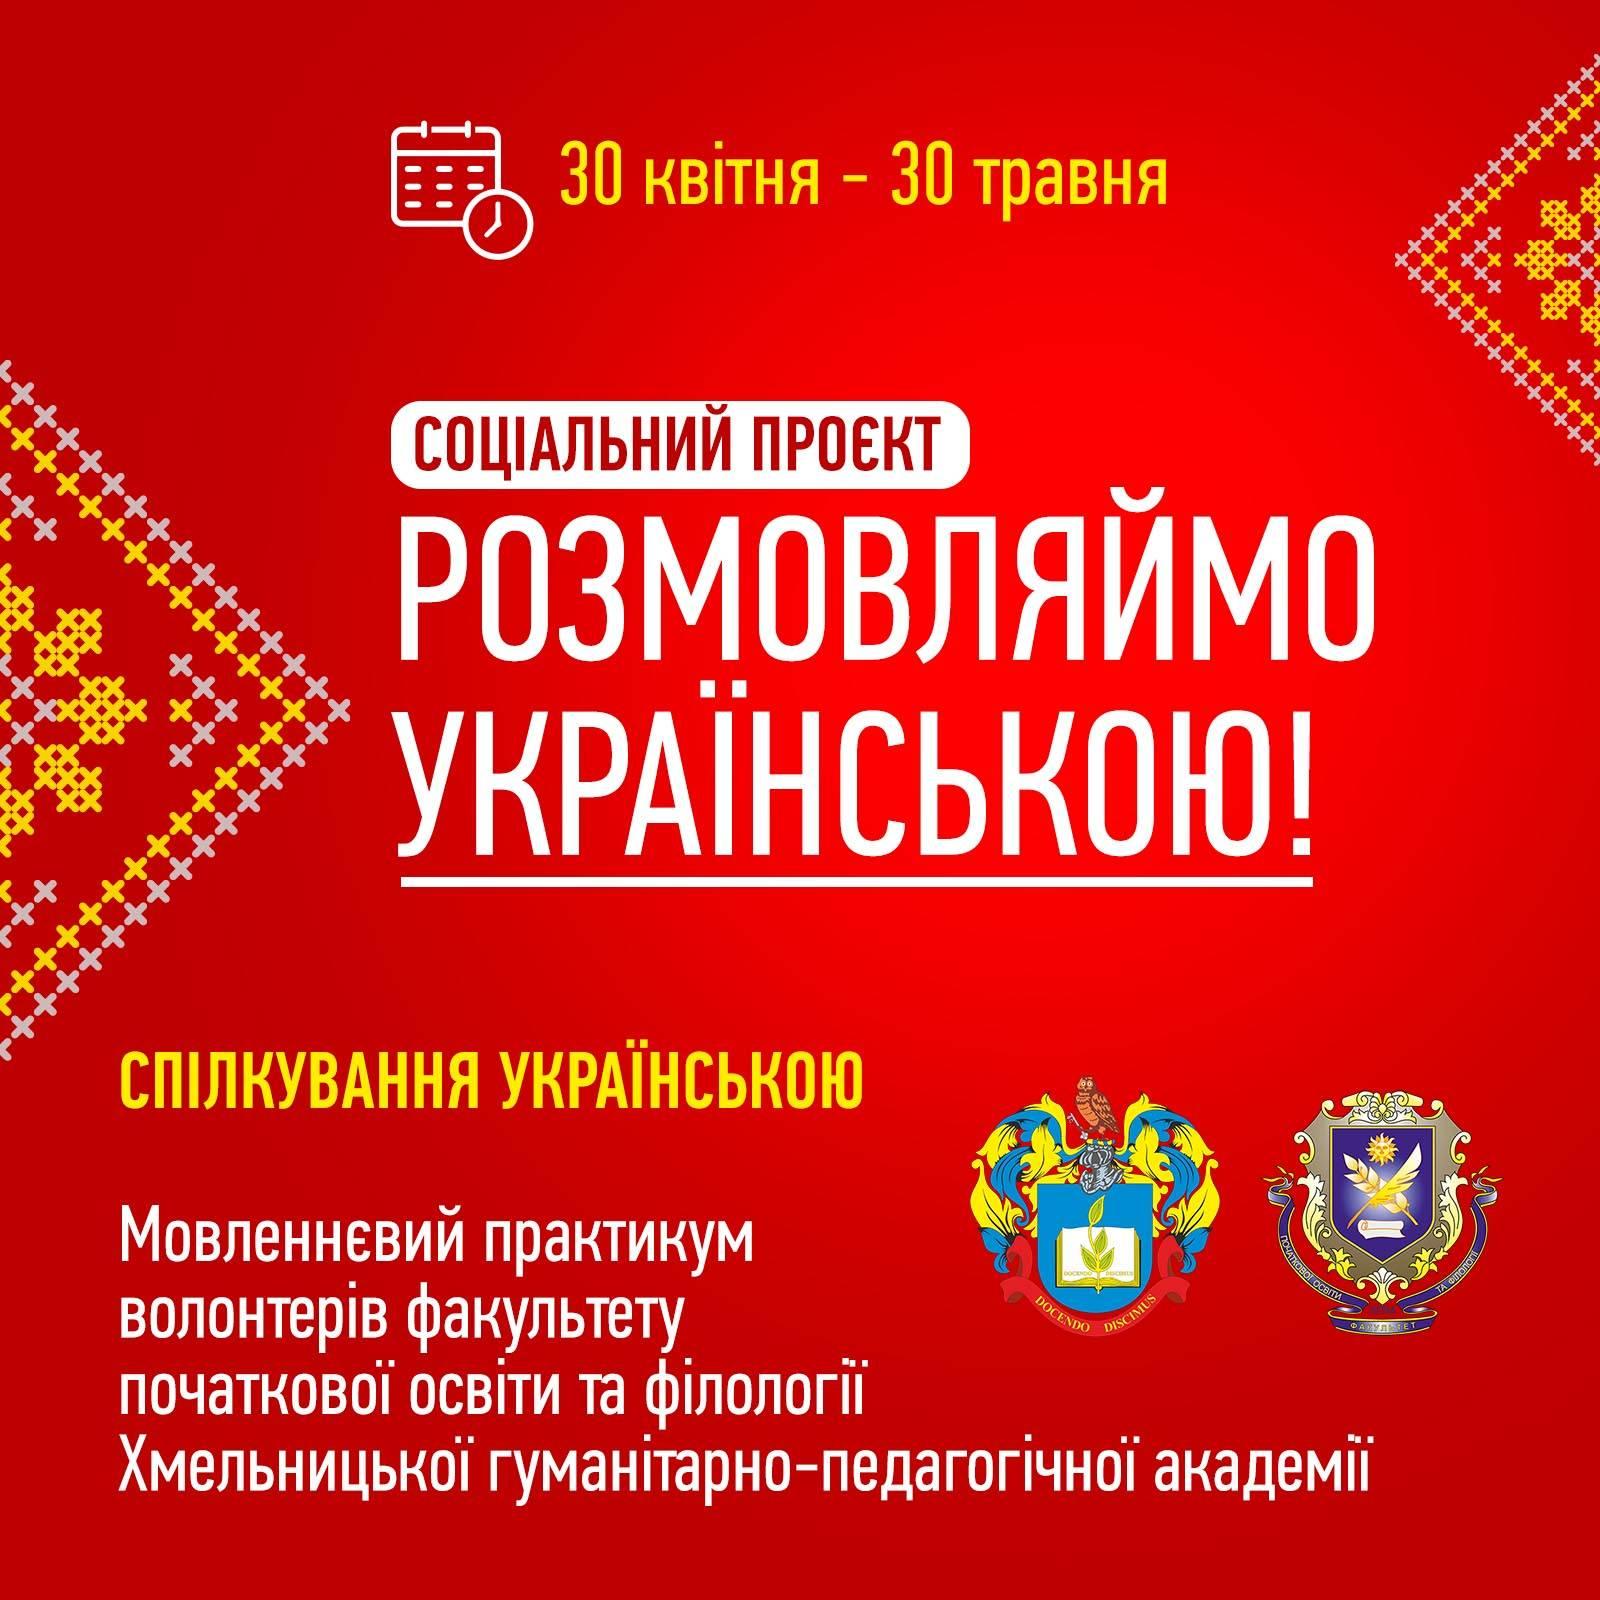 Розмовляймо українською!